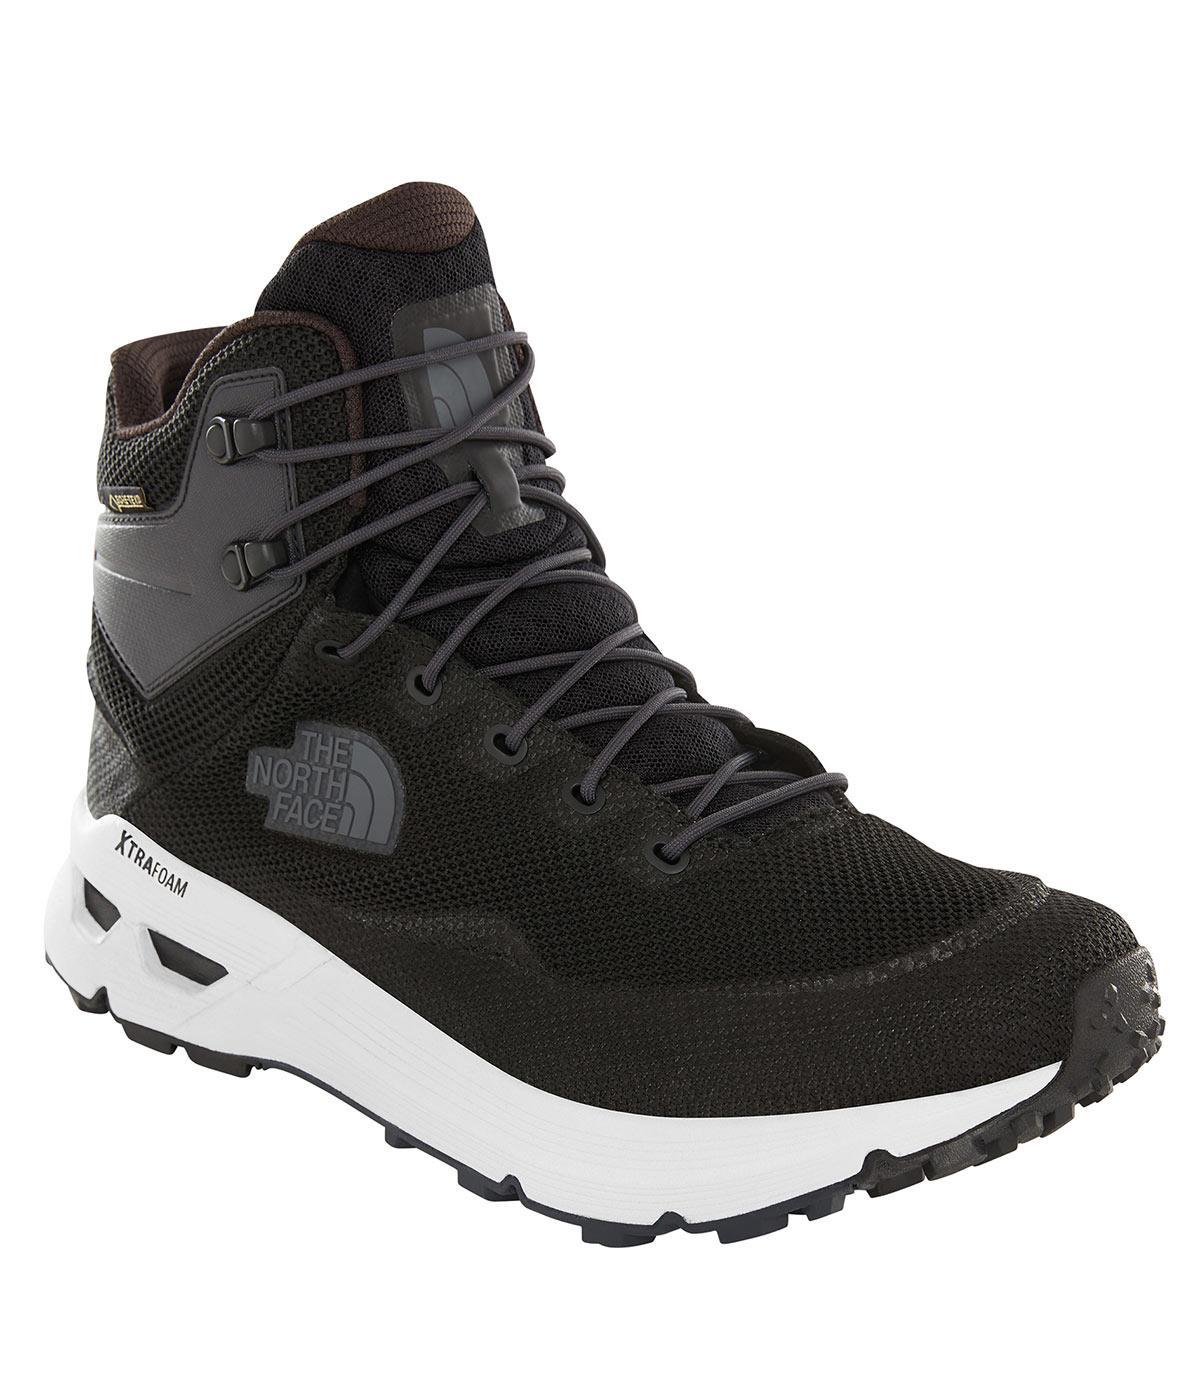 The North Face Erkek Safıen Mıd Gtx Ayakkabı NF0A3RDCCA01